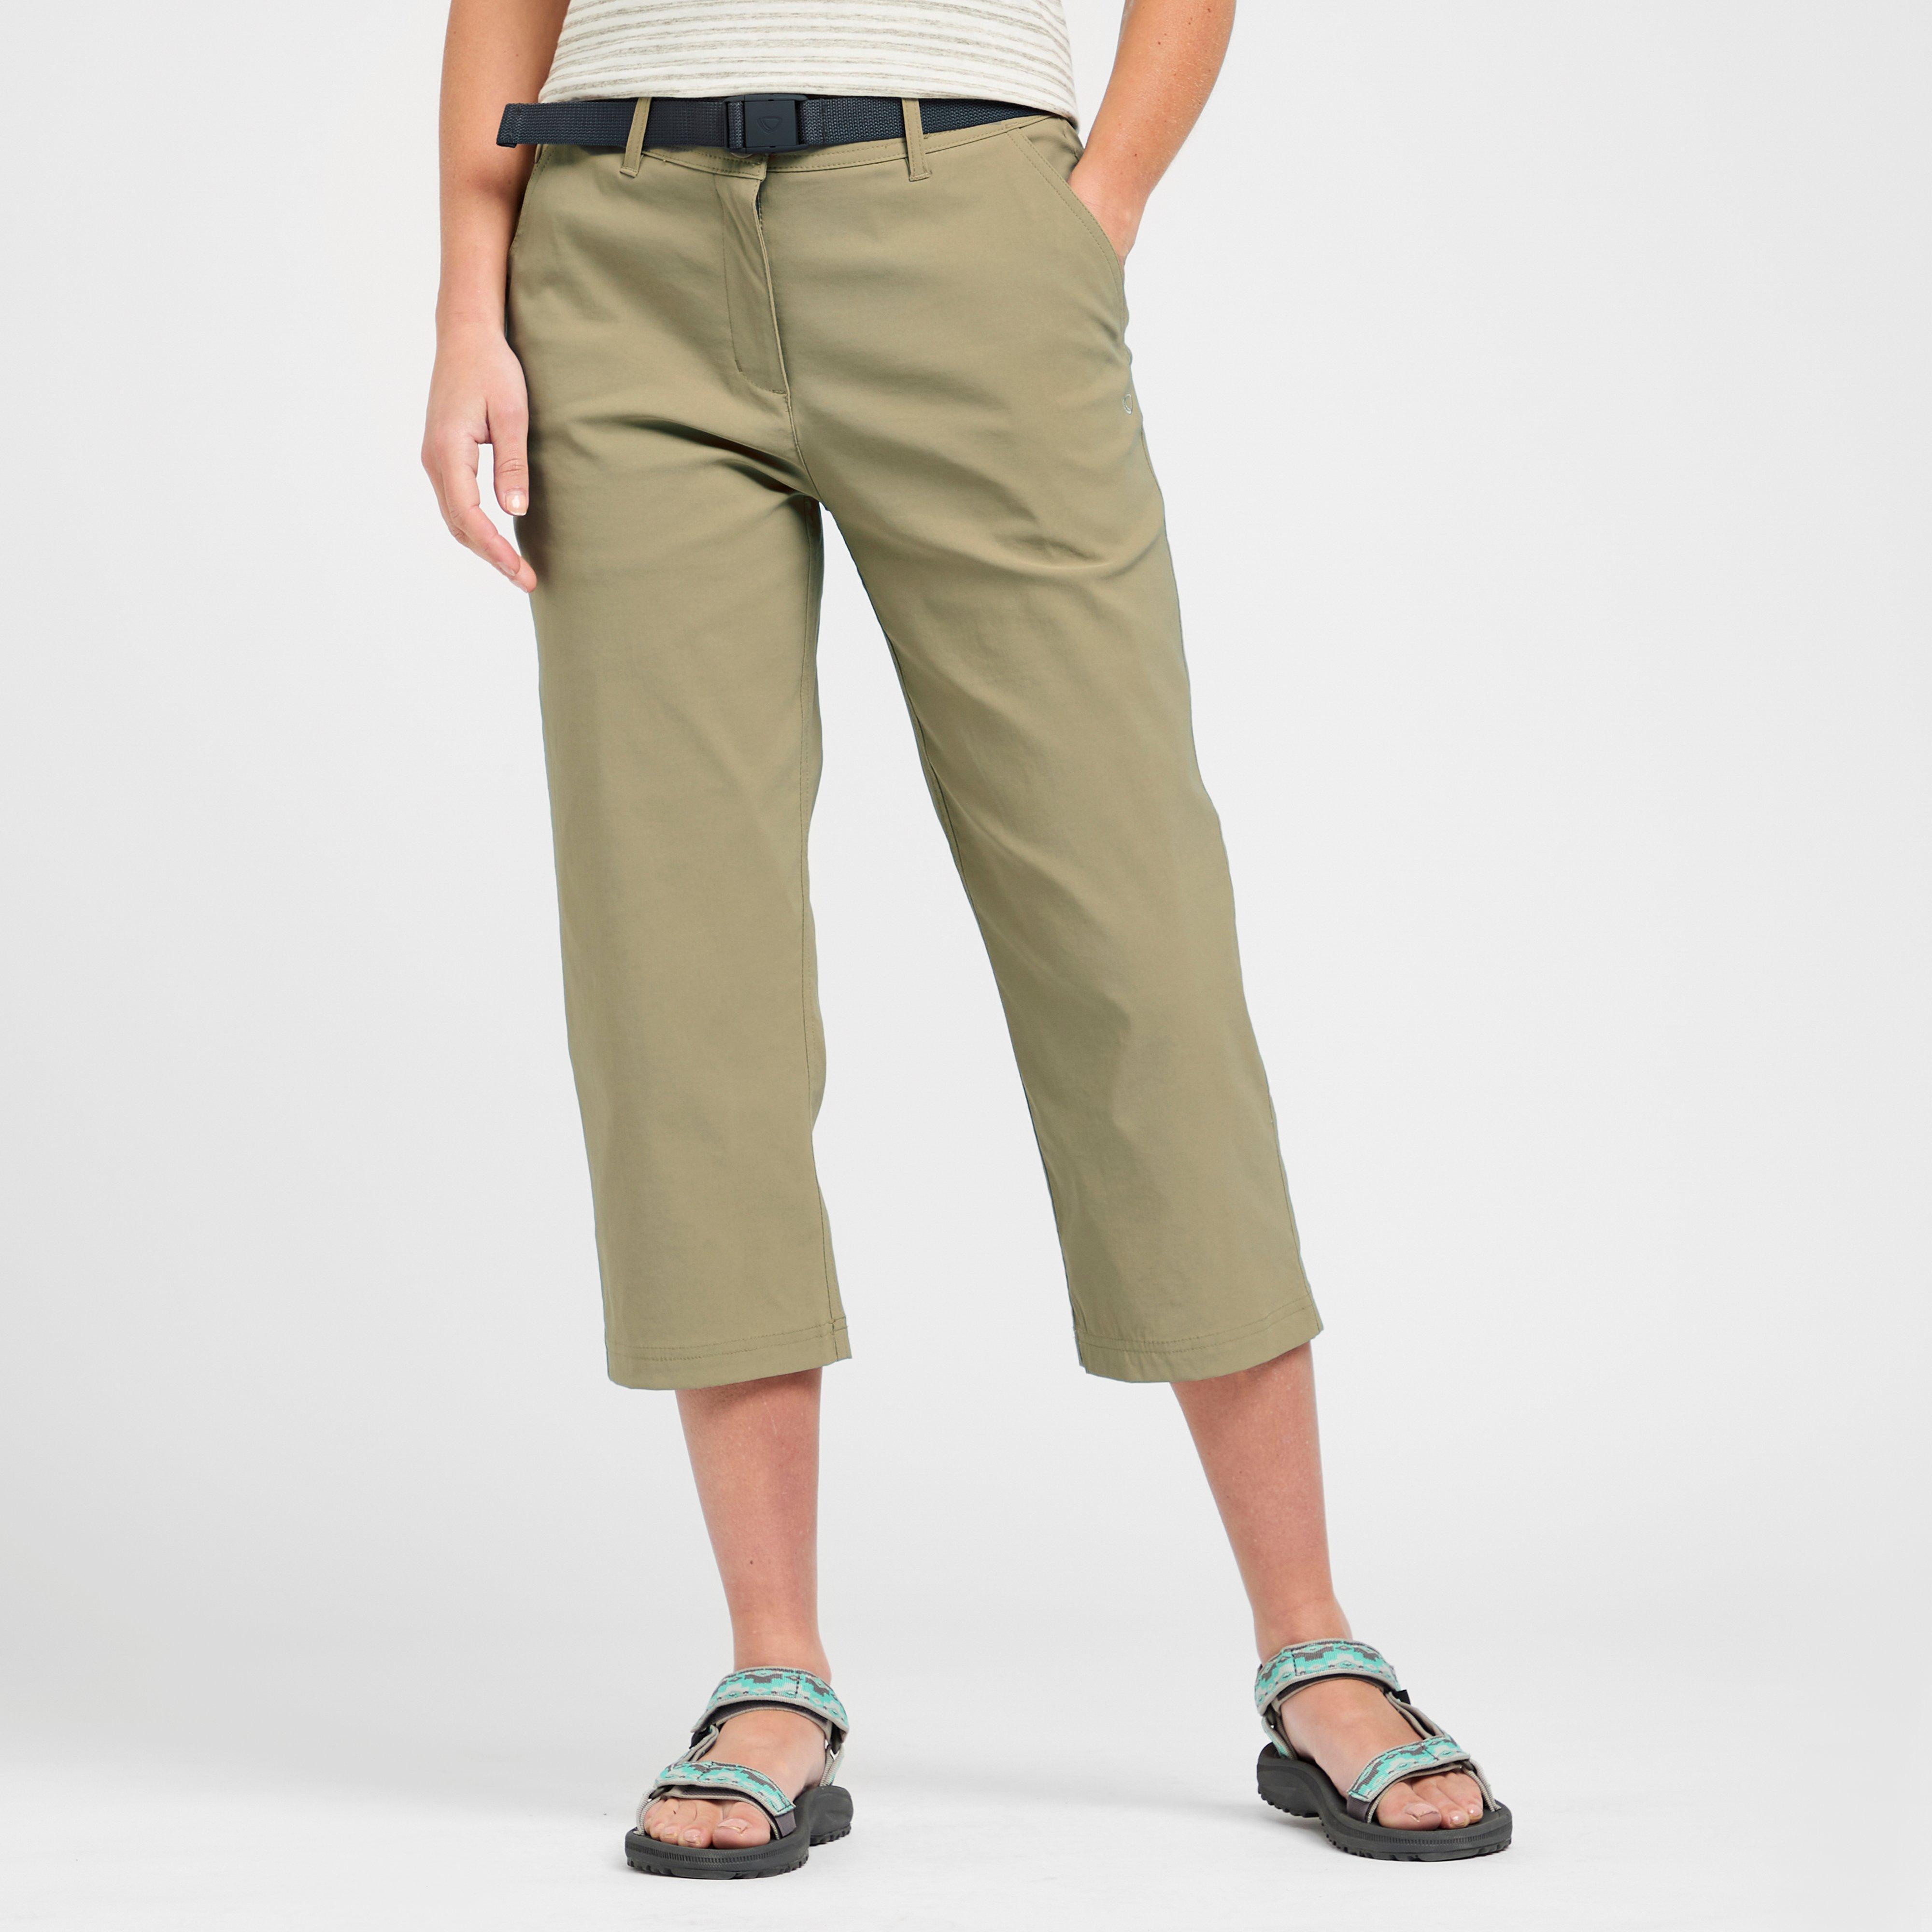 Brasher Womens Stretch Crop Trousers - Beige  Beige